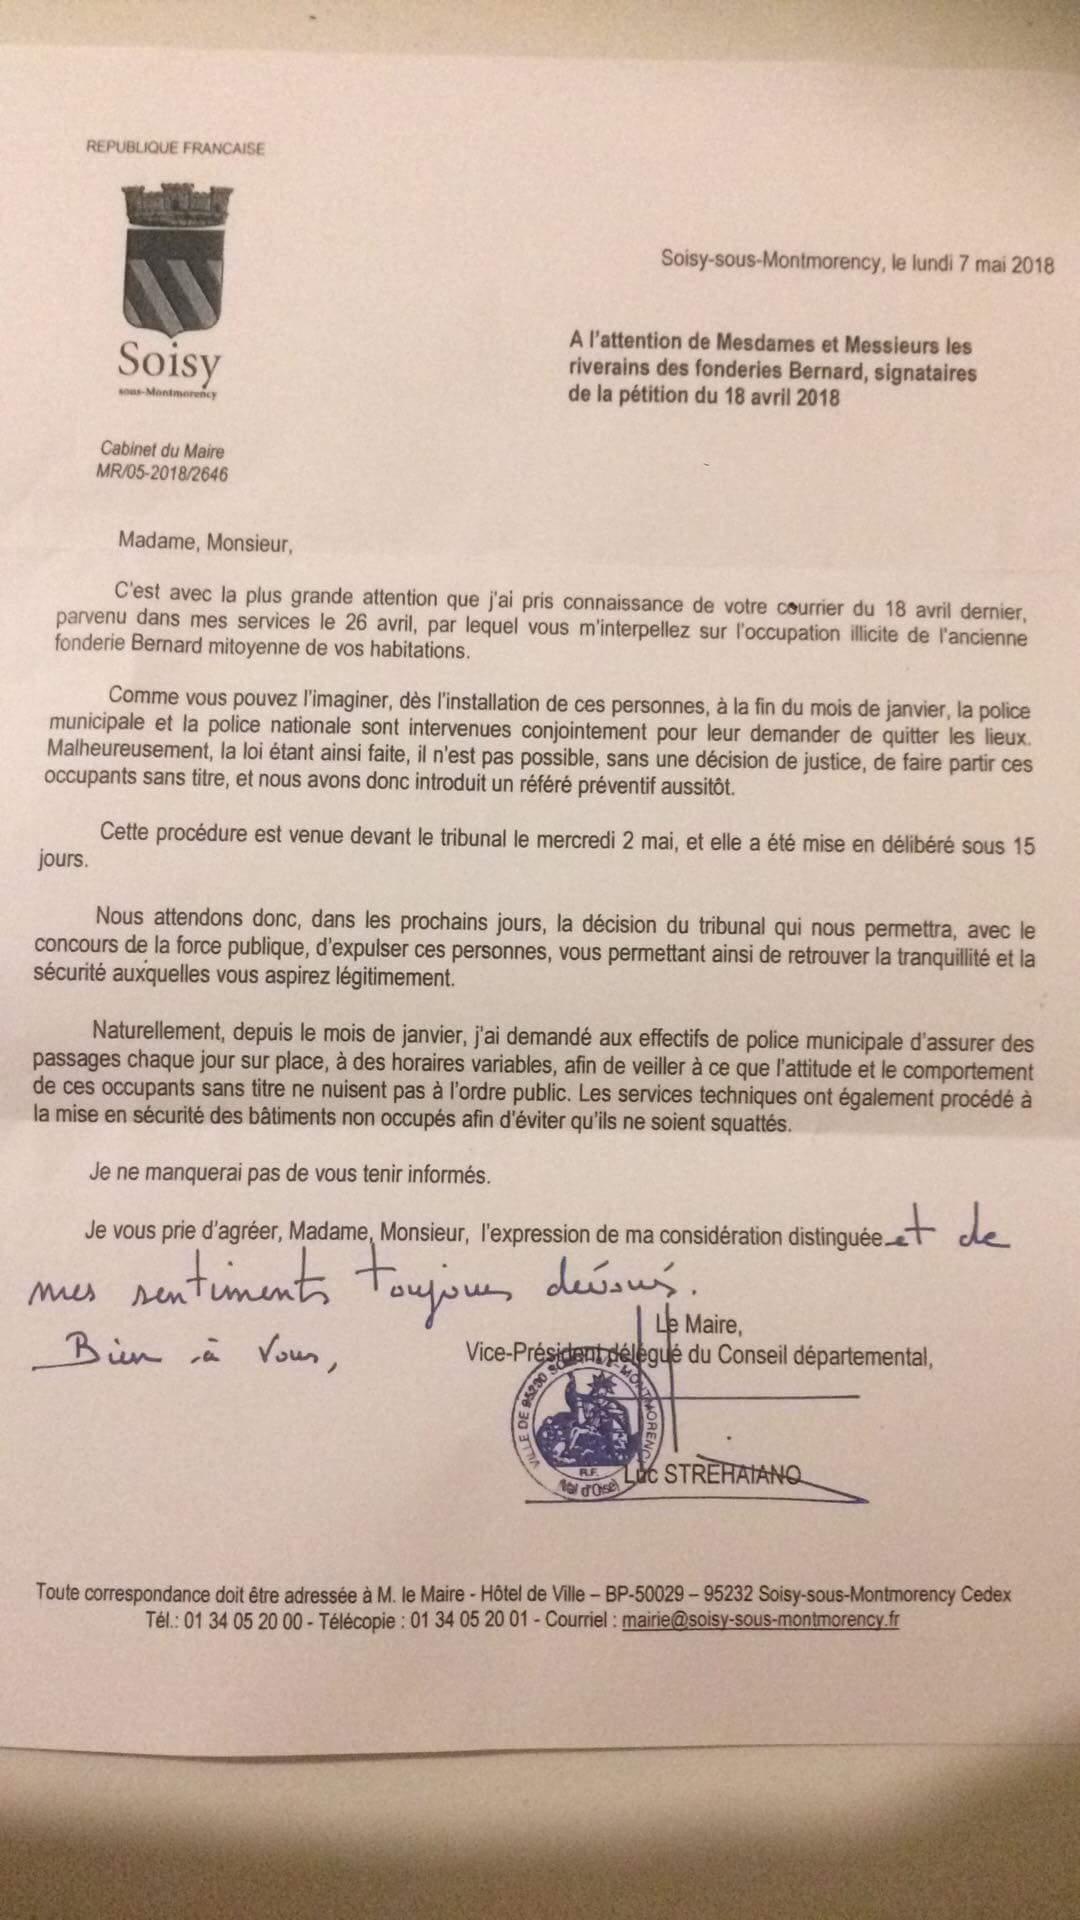 petitions_riverains_roms_reponse_maire